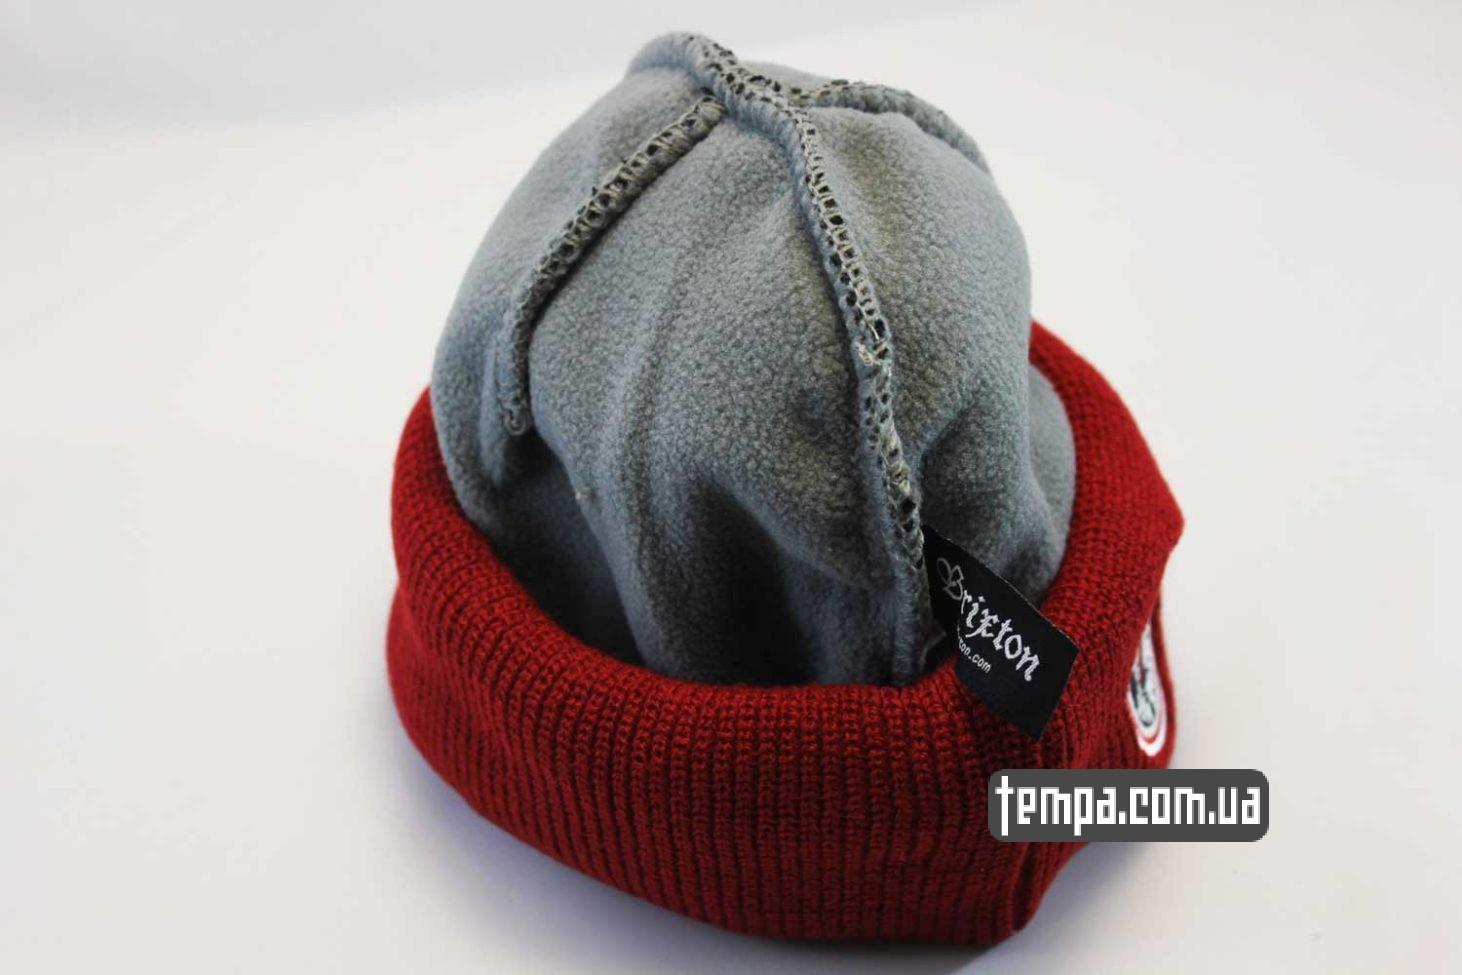 брикстон купить заказать шапка beanie brixxton mfg company indian красная черная с индейцем